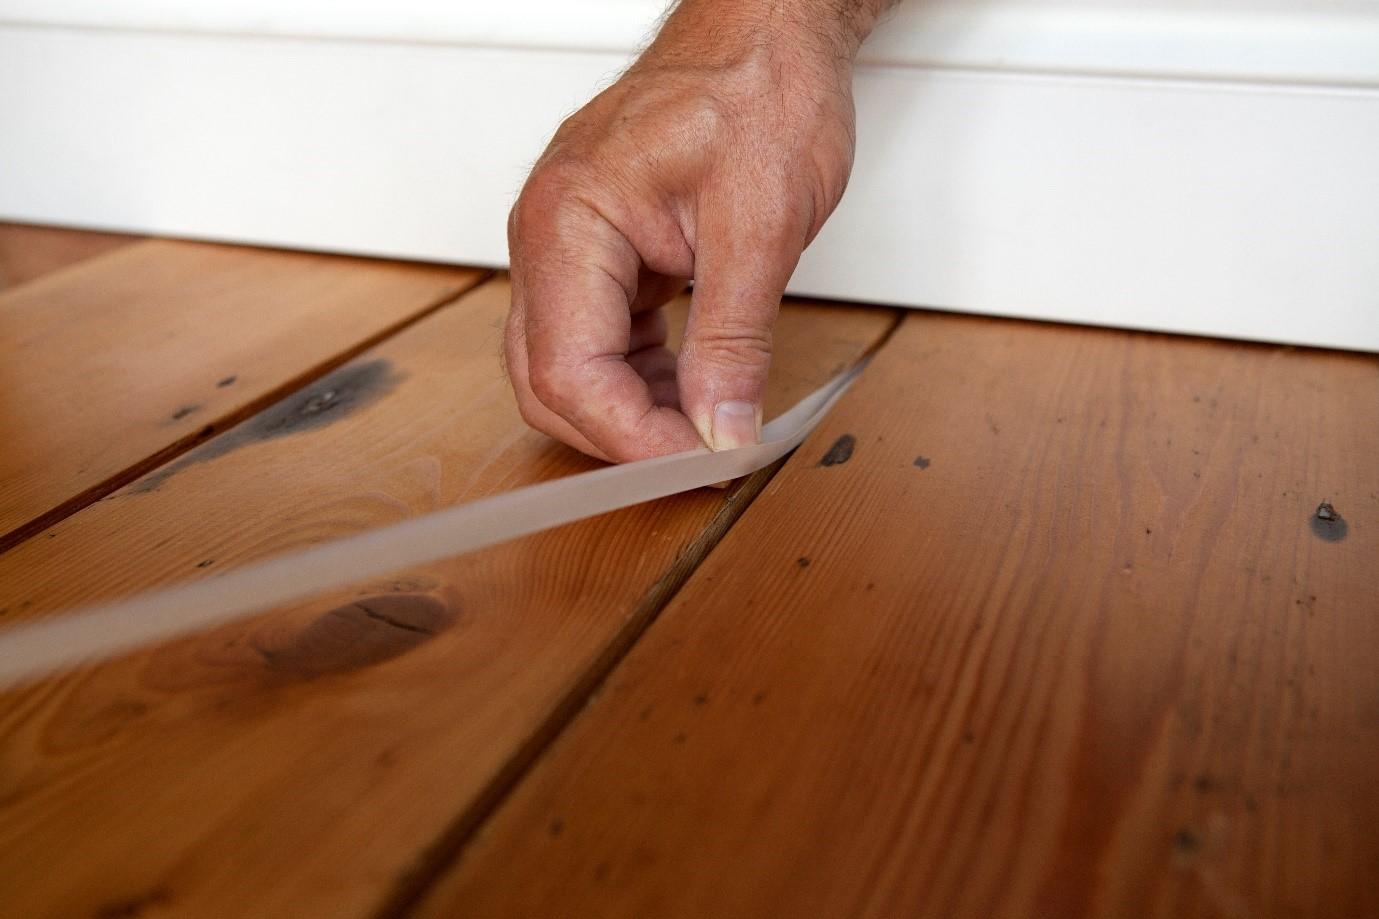 Чем заделать щели в деревянном полу: инструкция и фото.